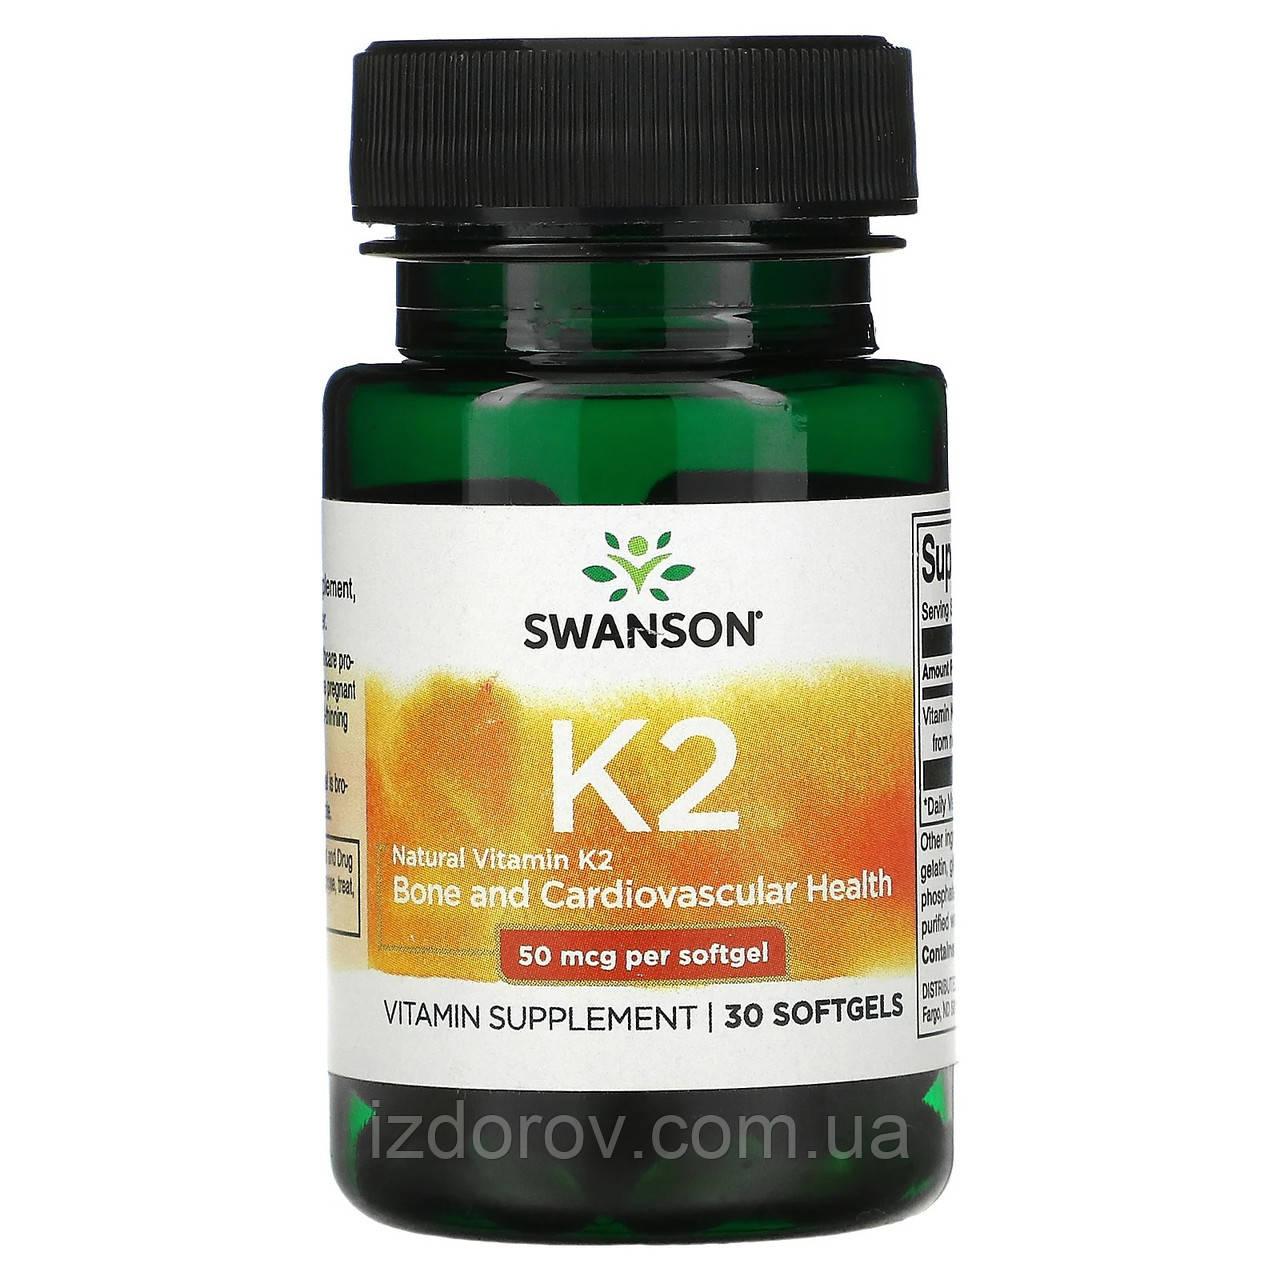 Swanson, Вітамін K2, 50 мкг, для здоров'я кісток і серцево-судинної системи, 30 капсул